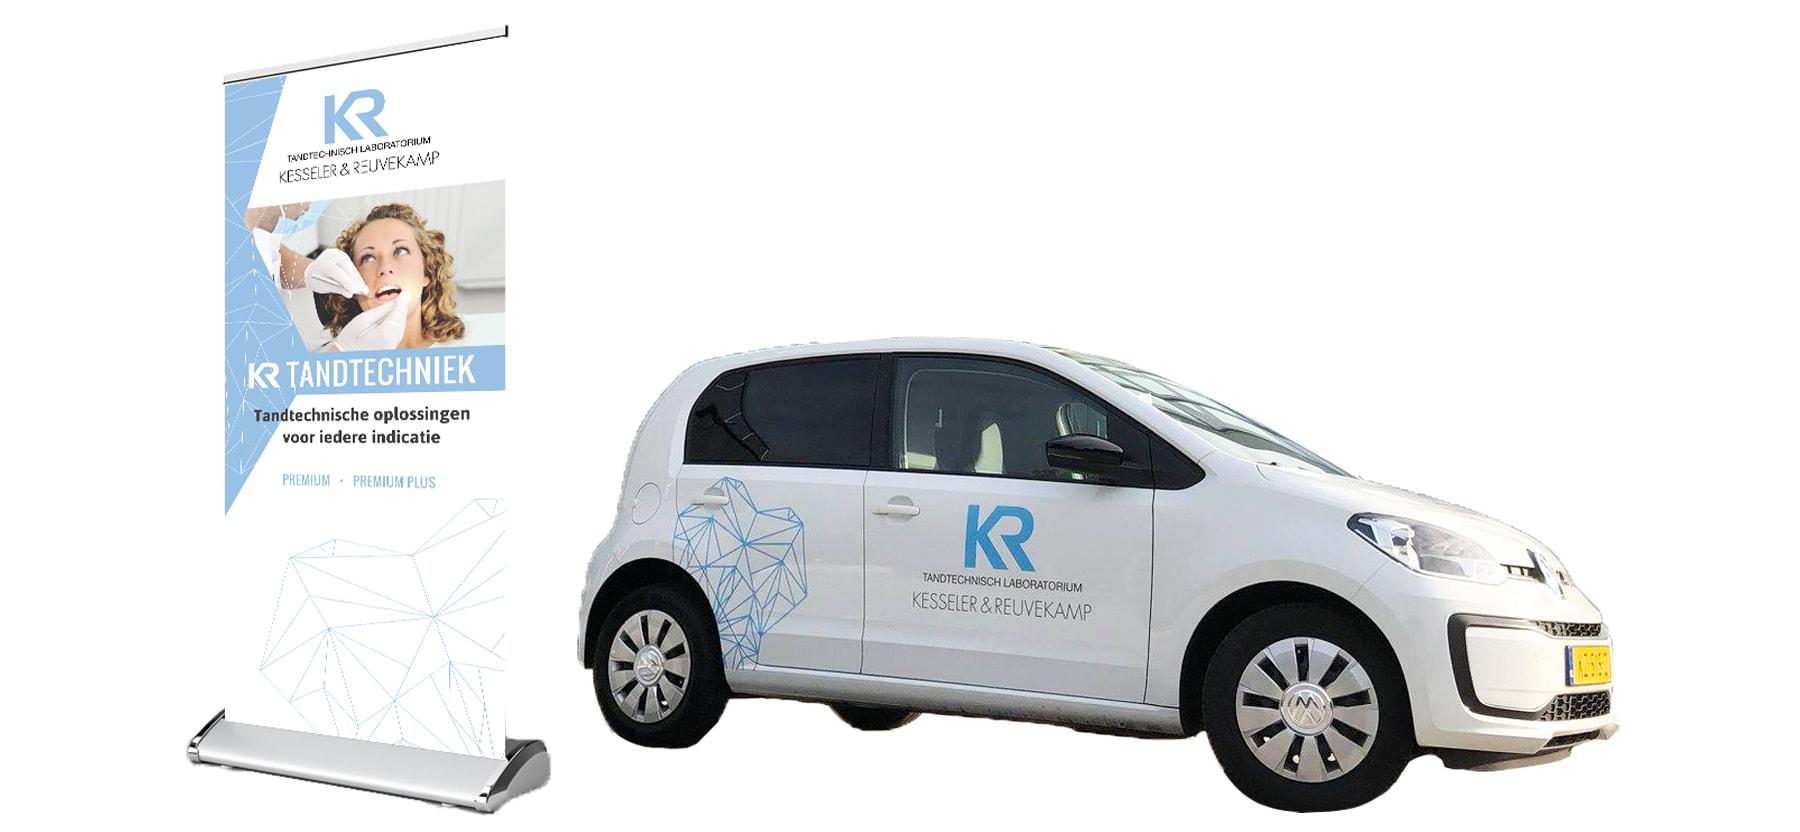 Kesseler & Reuvekamp - roll up banner en autobelettering